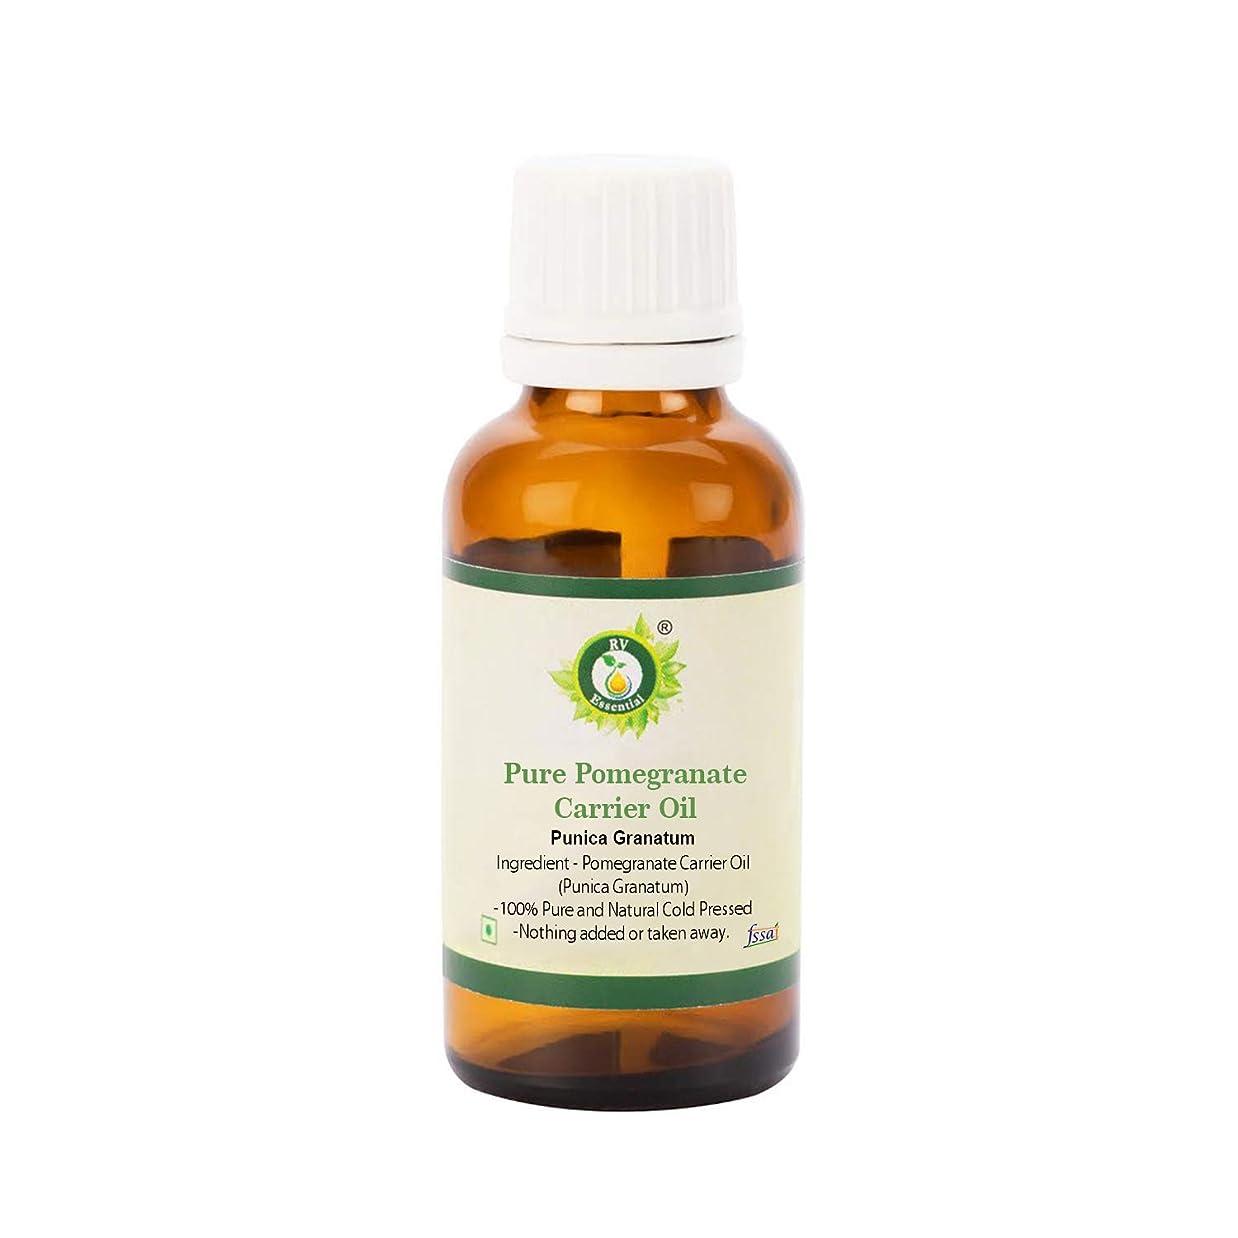 キャンペーンアンカー受信機R V Essential 純粋なザクロのキャリアオイル30ml (1.01oz)- Punica Granatum (100%ピュア&ナチュラルコールドPressed) Pure Pomegranate Carrier Oil